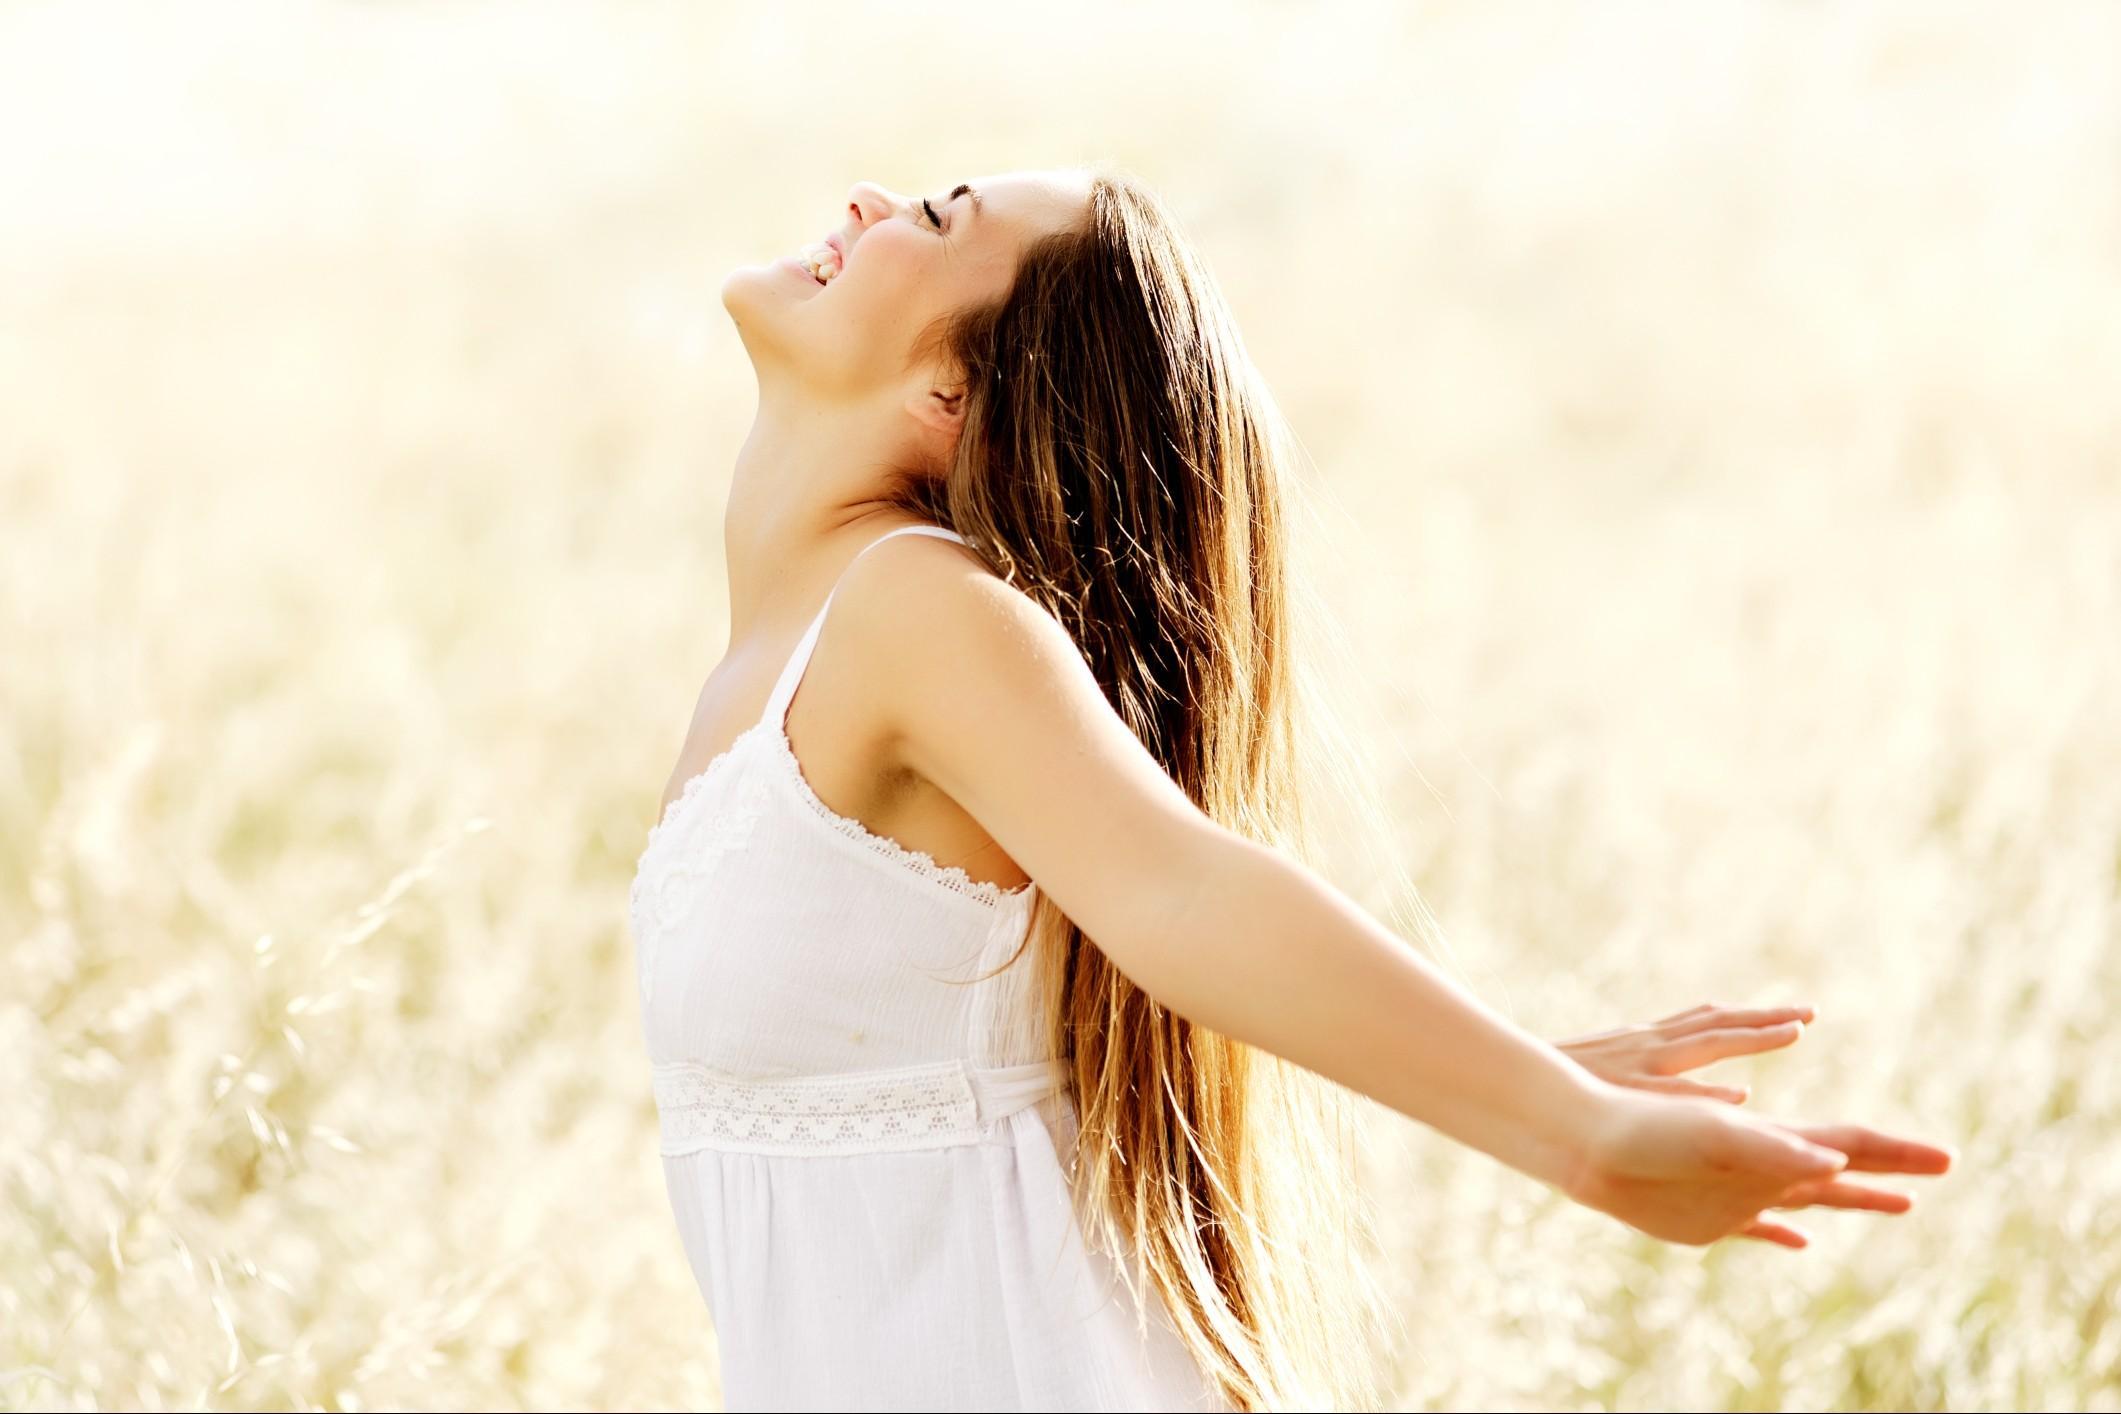 8 cose da fare per essere felici (secondo la scienza)